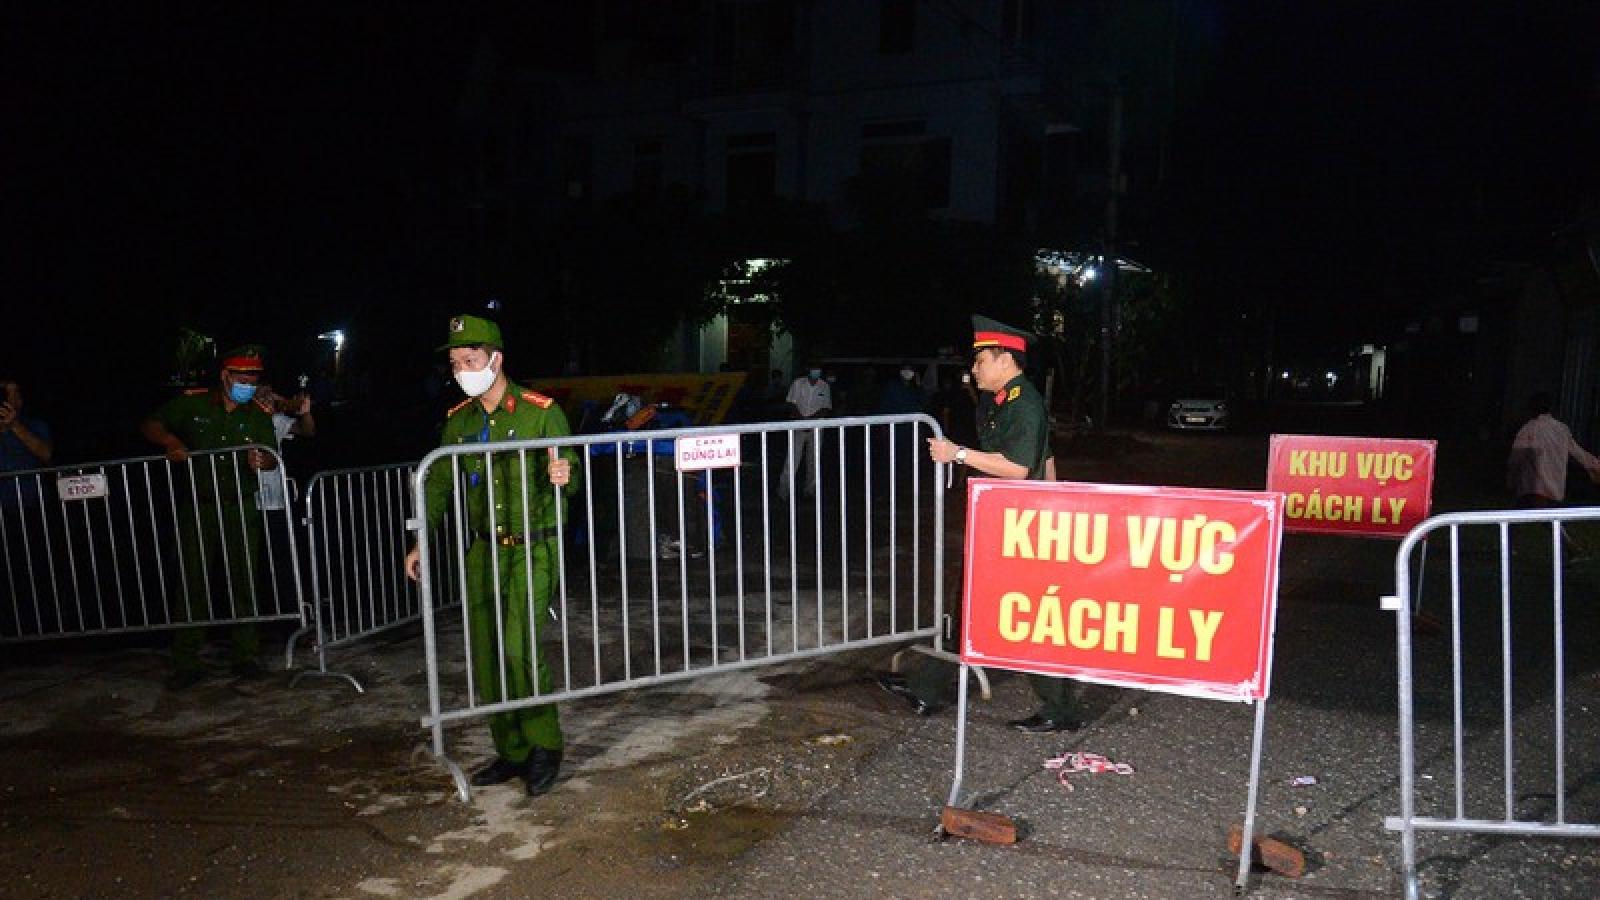 Chính thức dỡ bỏ cách ly thôn Đông Cứu- ổ dịch cuối cùng của Hà Nội